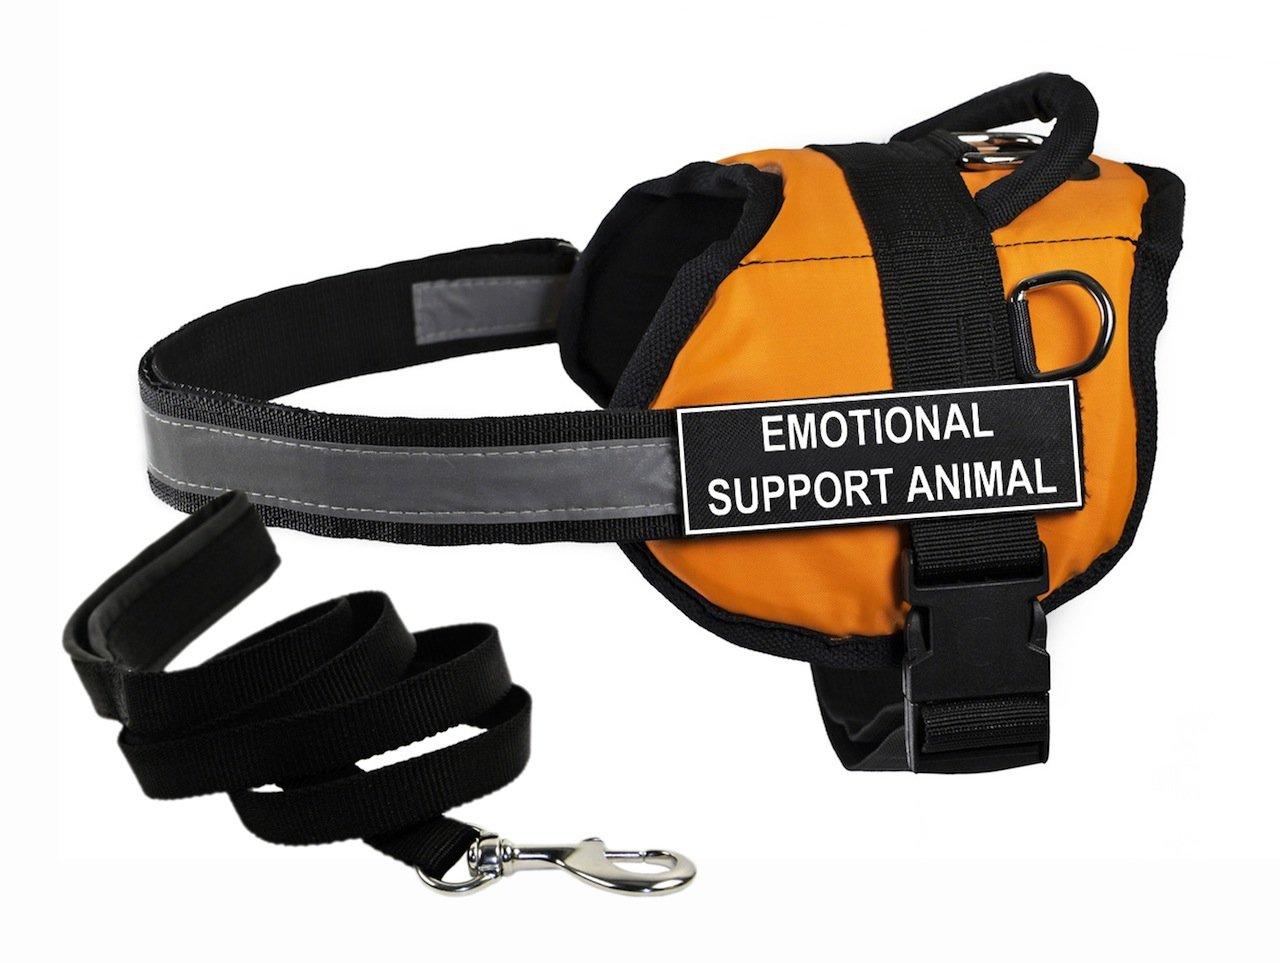 negozio fa acquisti e vendite Dean & Tyler DT Works Works Works Arancione Emotional Support Animal, Piccolo, e Nero 1,8 m con Imbracatura Padded Puppy guinzaglio.  i nuovi marchi outlet online